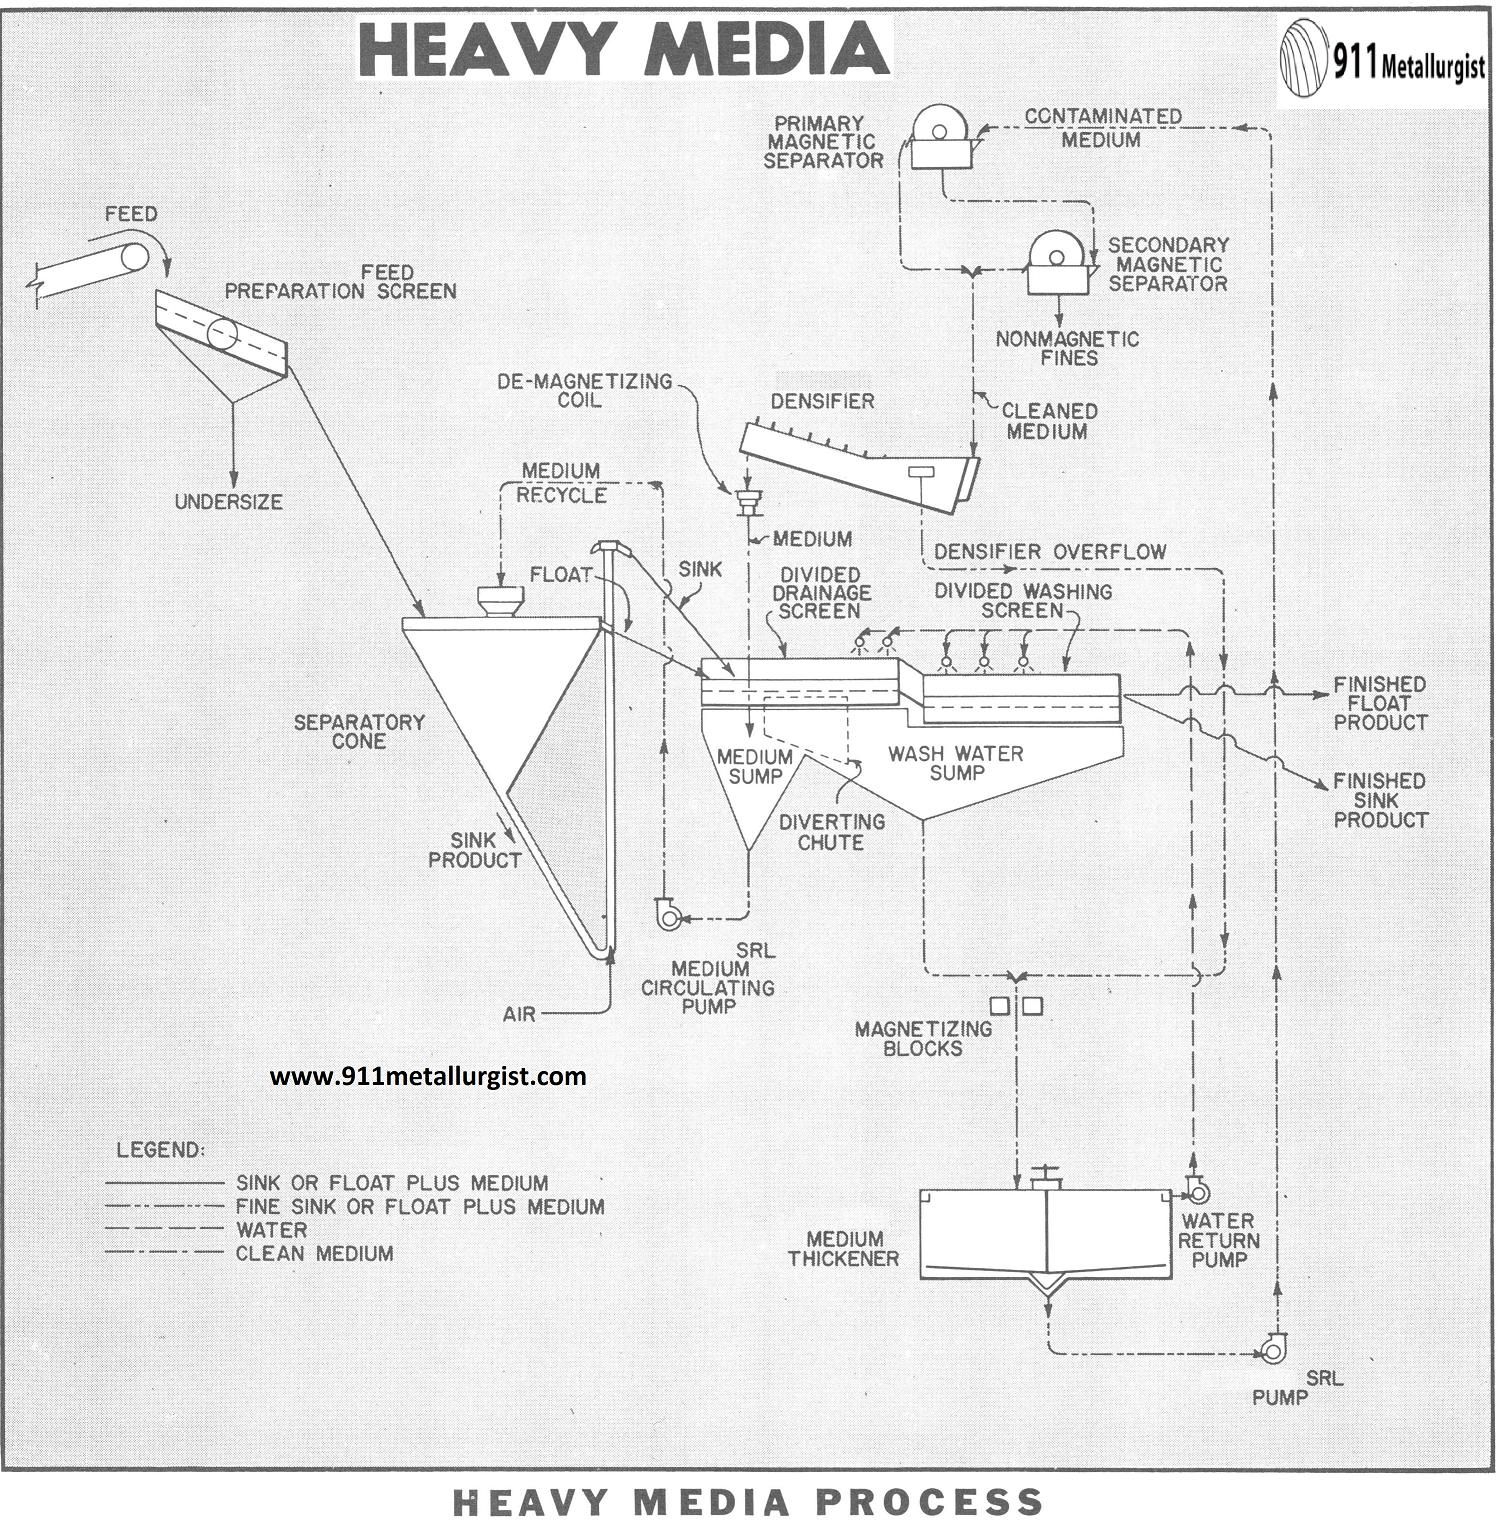 Heavy Media Process